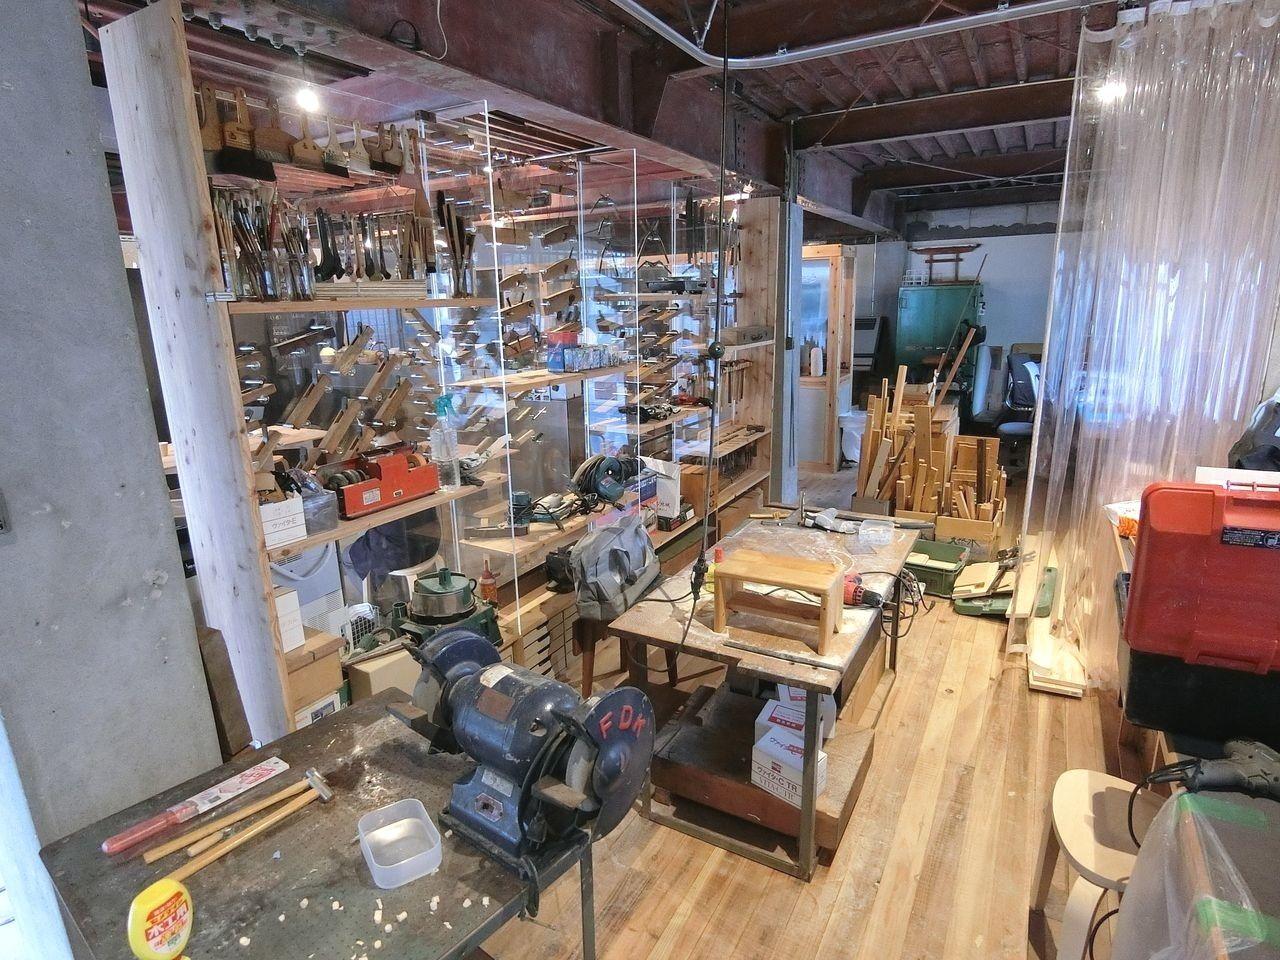 板橋区南町「11-1 スタジオ」のシェア工房